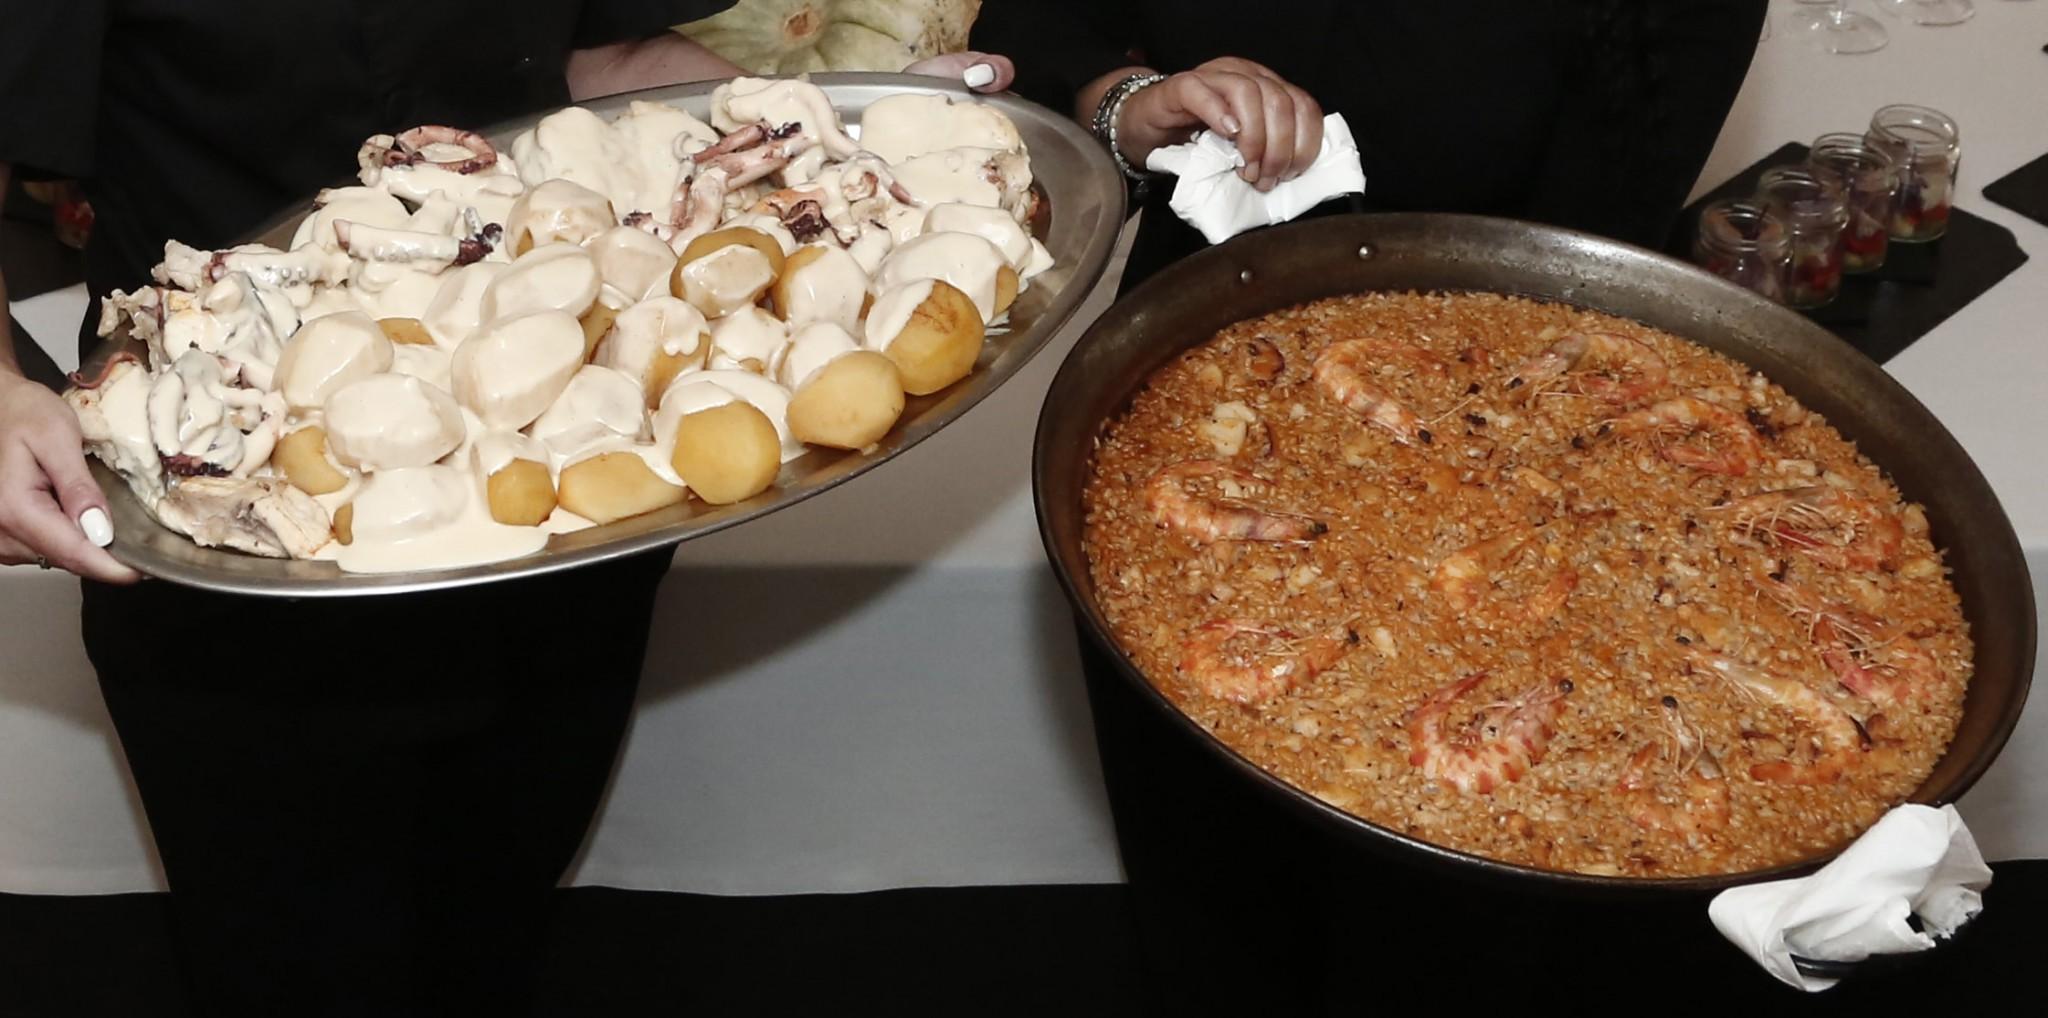 Jornadas Gastronómicas Arroz a Banda - Escapada gastronómica a Castellón